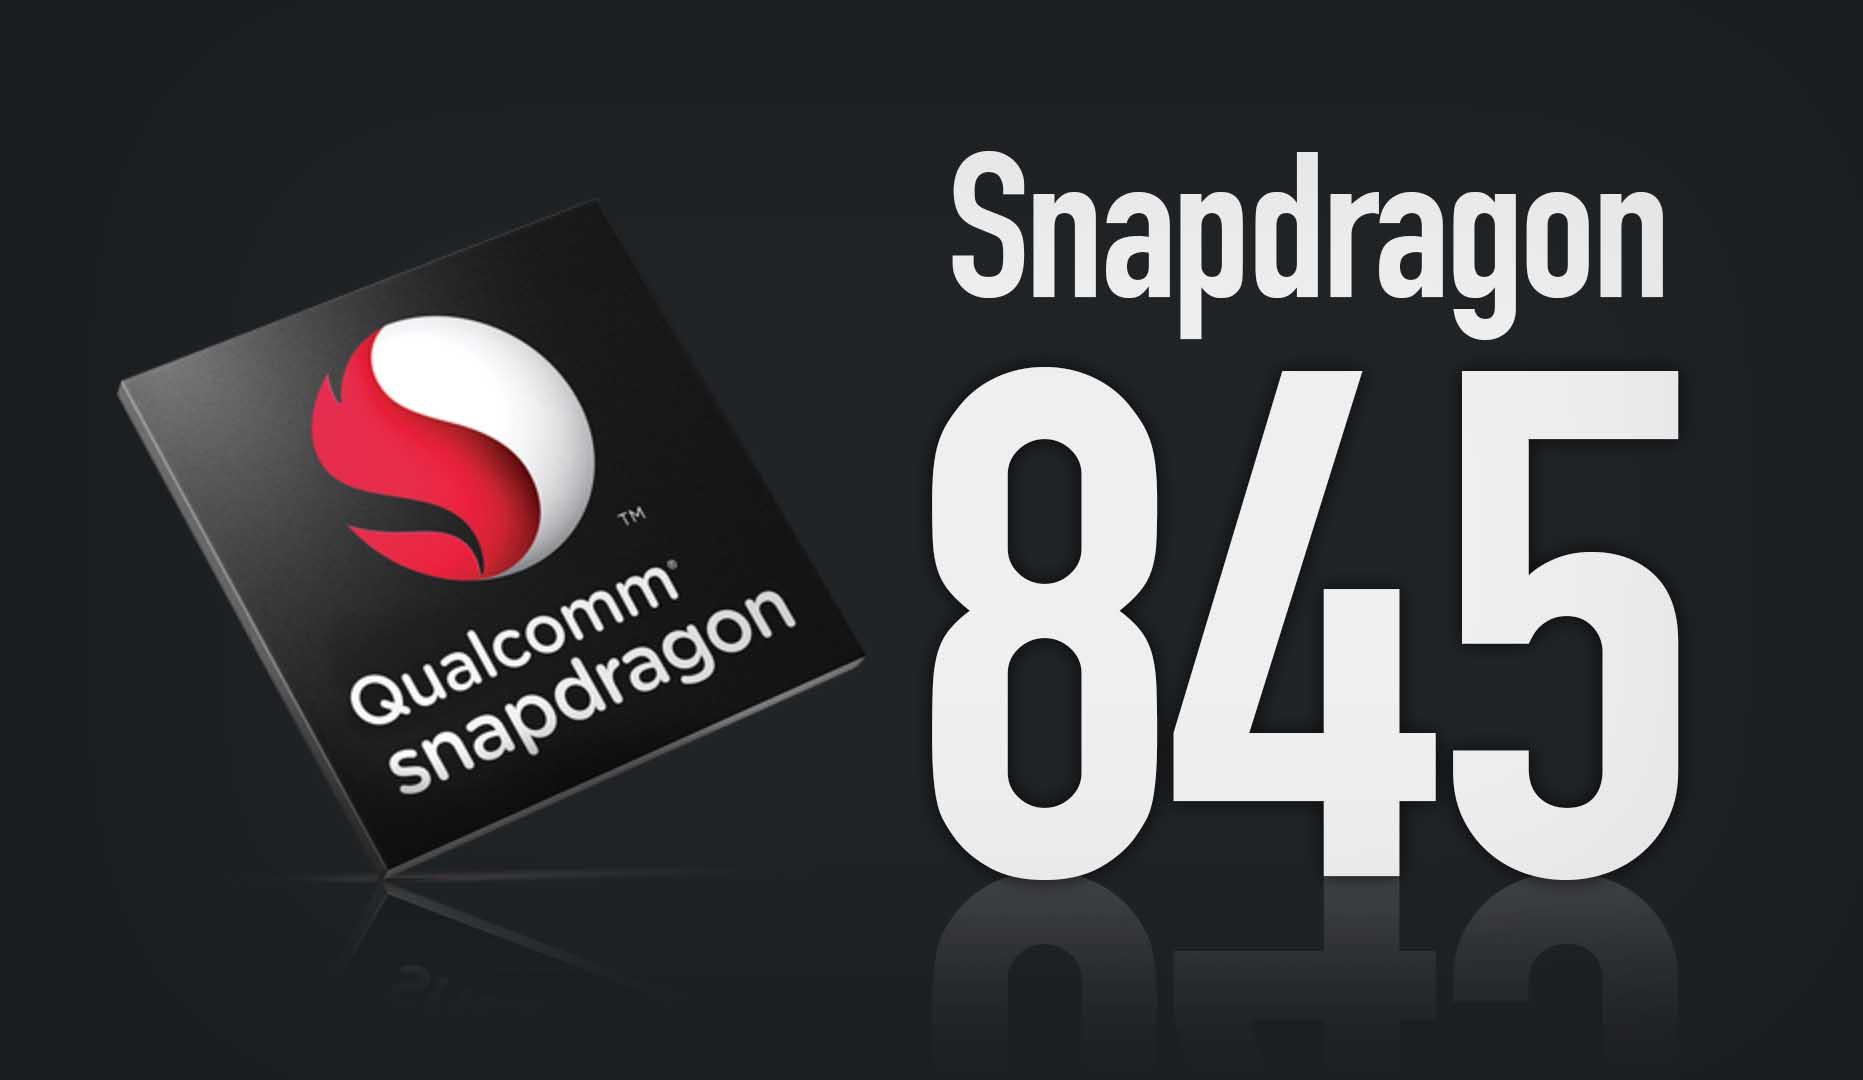 El Snapdragon 845 se presentará este este mismo martes en el evento anual Snapdragon Technology Summit